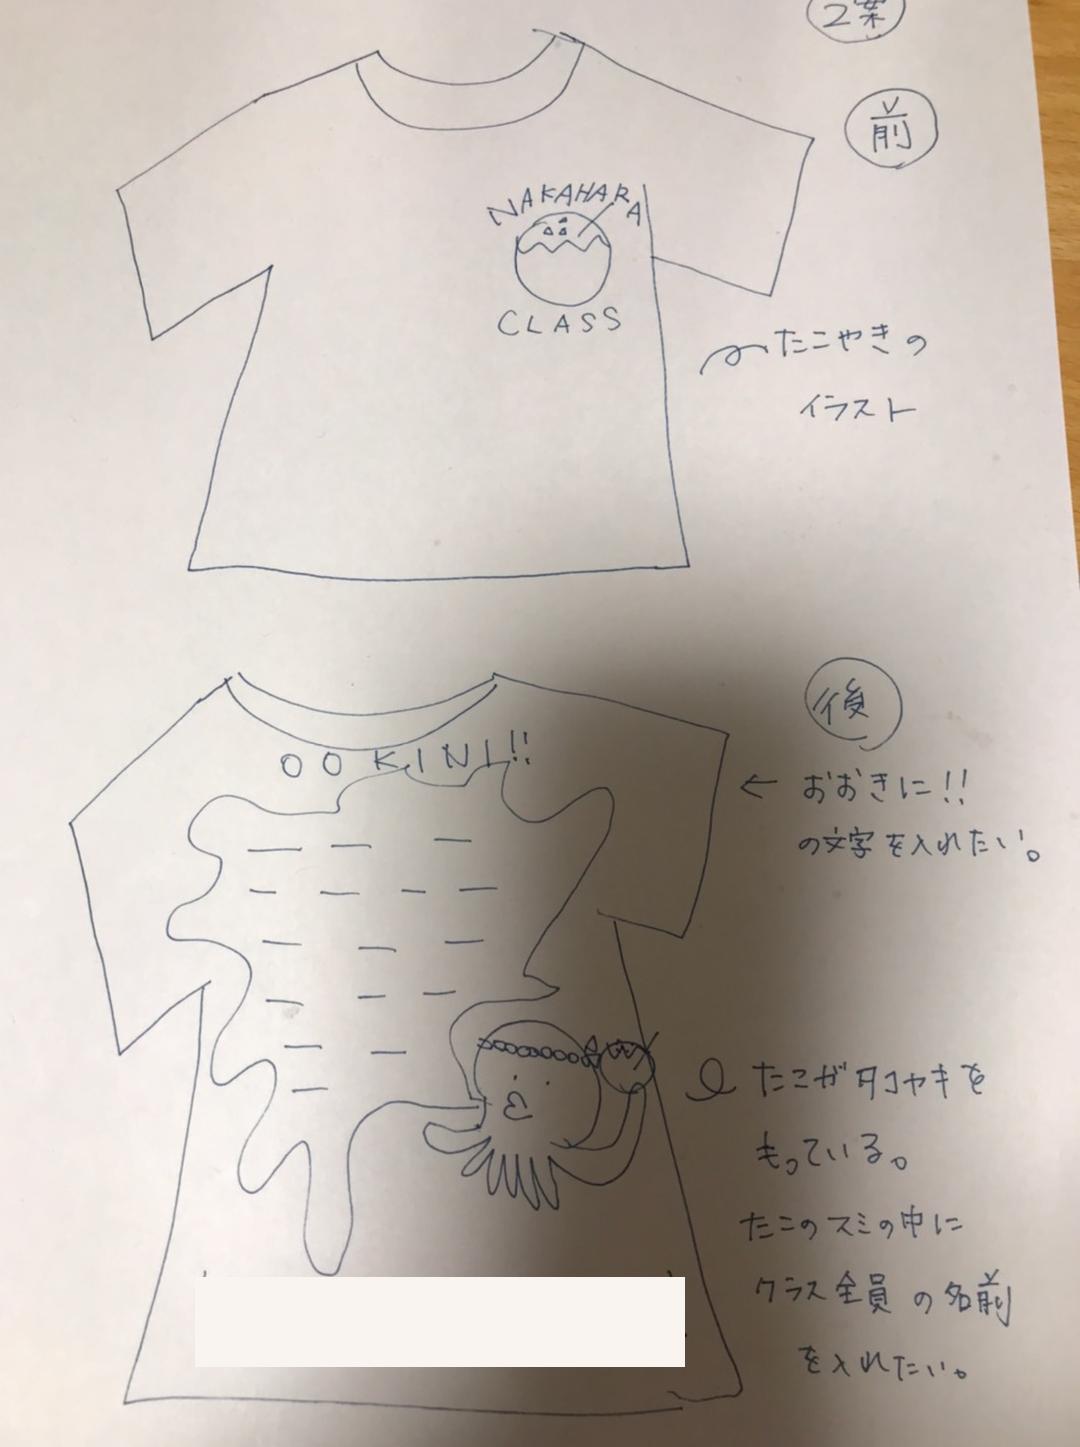 クラスTシャツ原稿